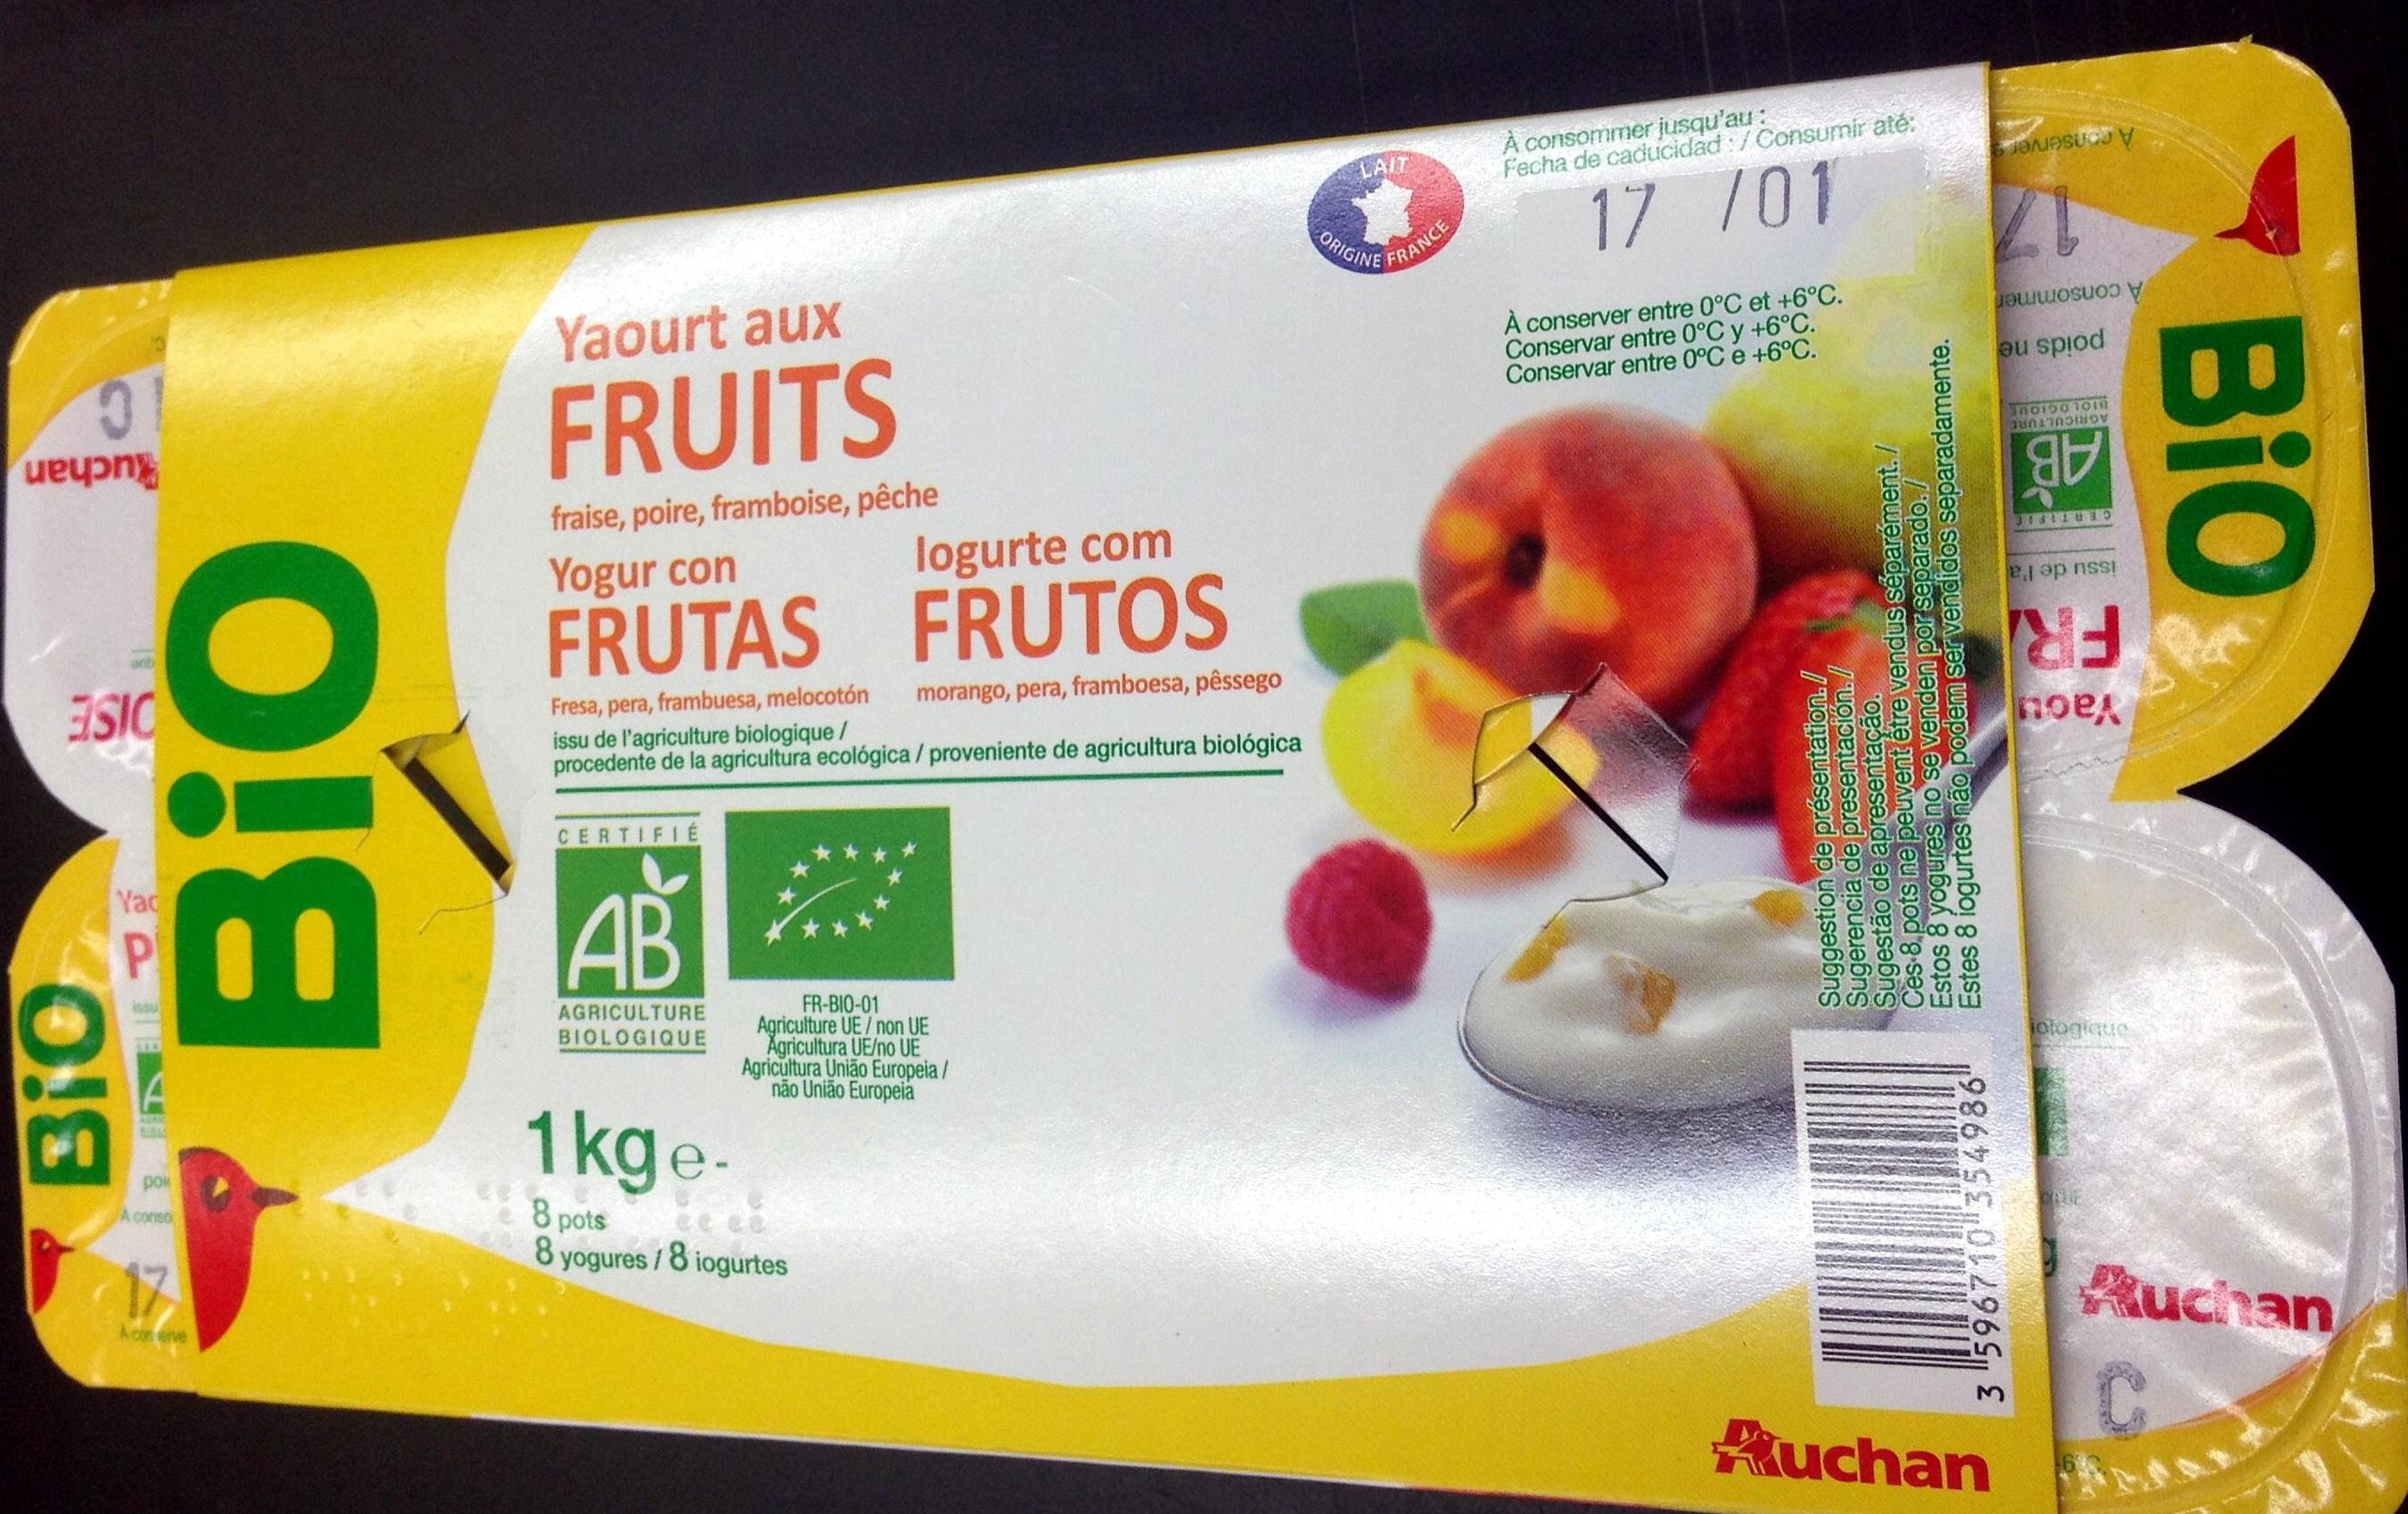 Yaourt aux fruits (fraise, pêche, poire, framboise) - Produto - fr